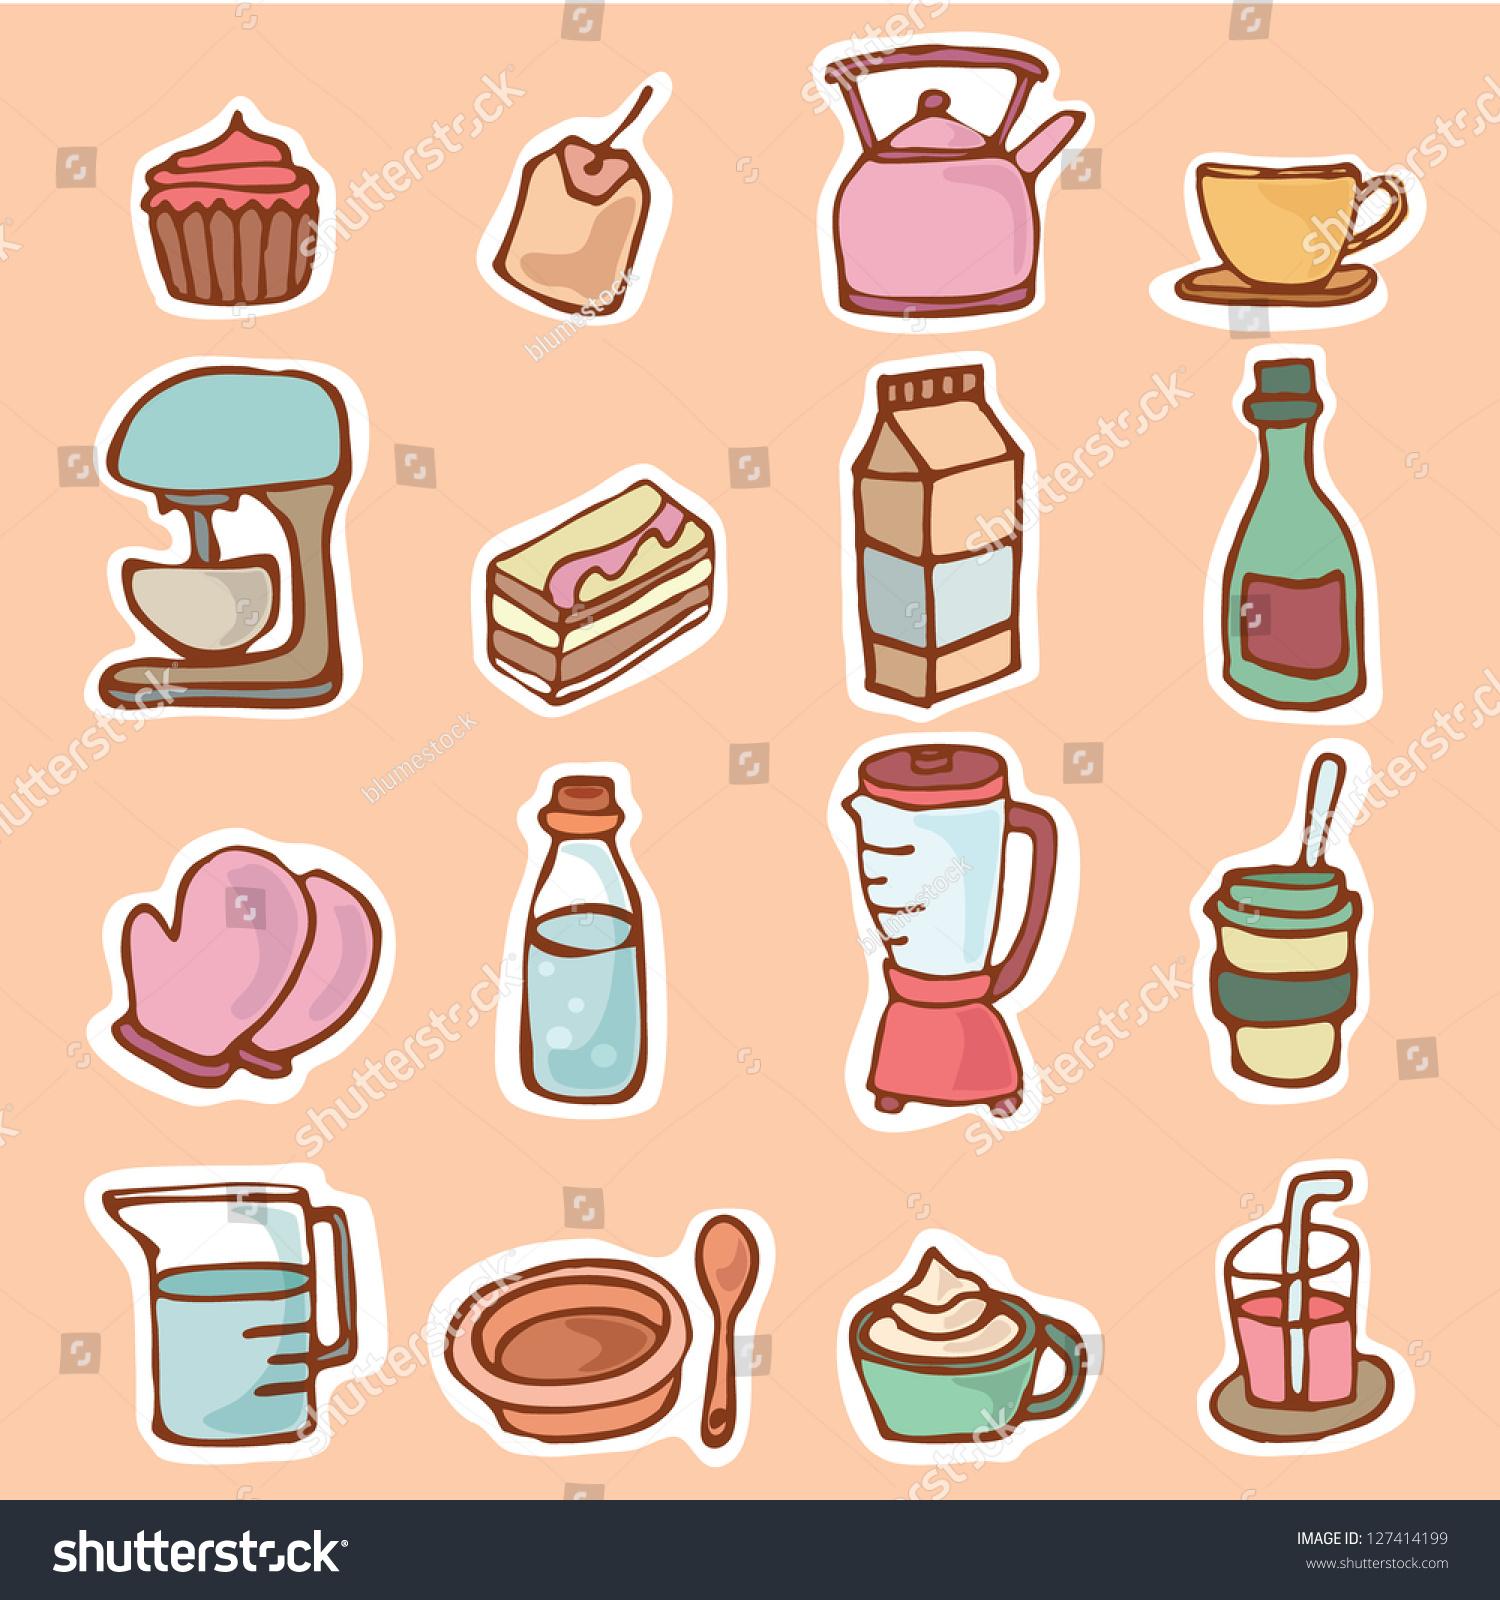 Cartoon Kitchen Tools ~ Kitchen utensils kitchenware for cooking or preparing